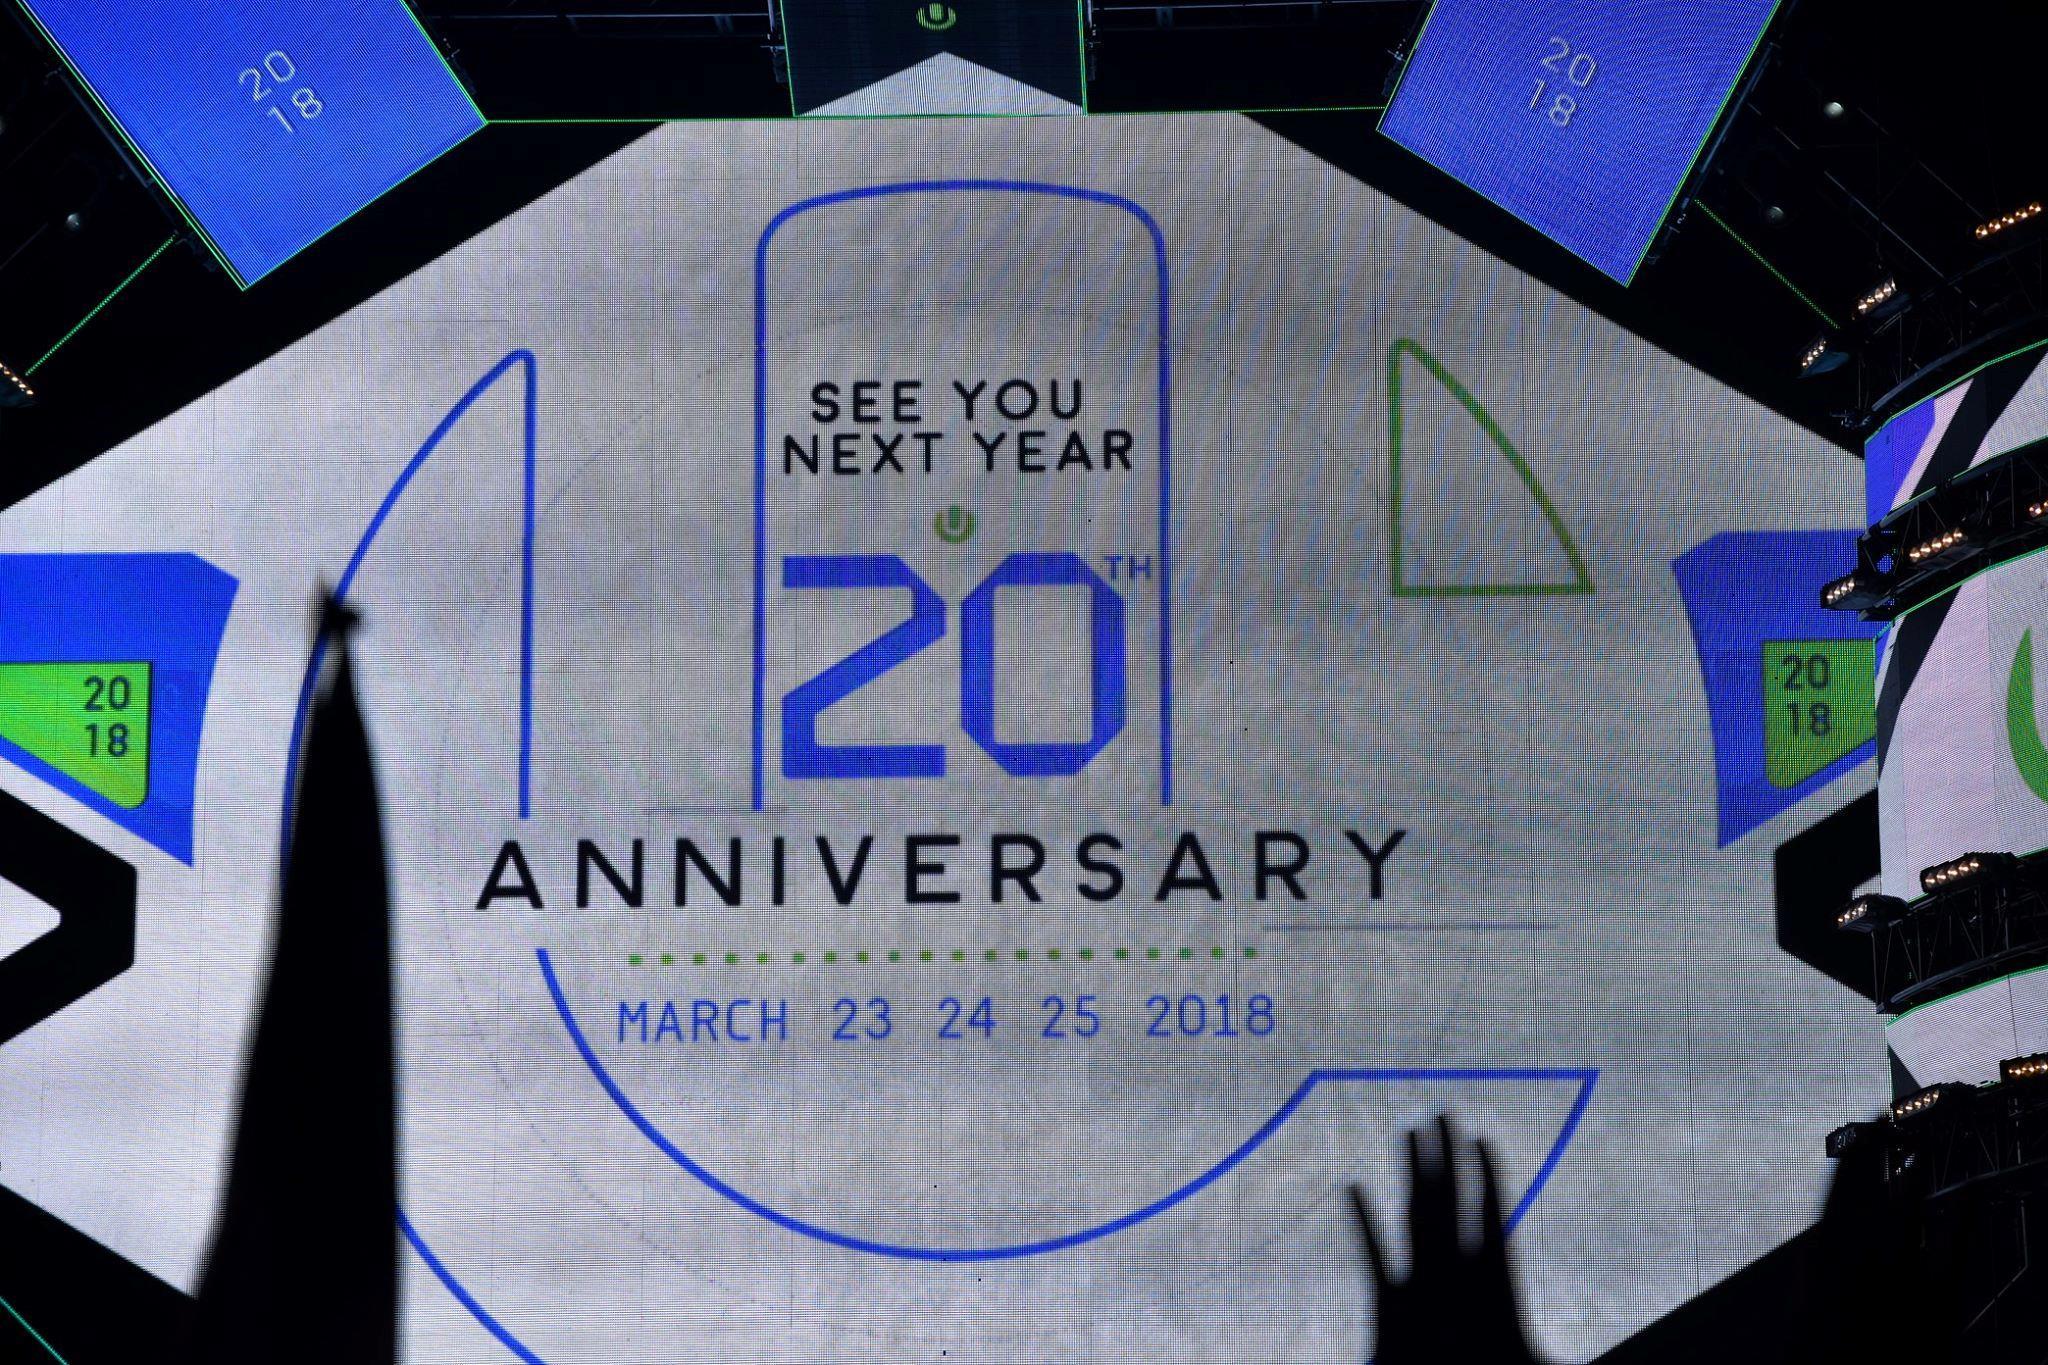 L'Ultra Music Festival 2018 si terrà il 23, 24 e 25 marzo